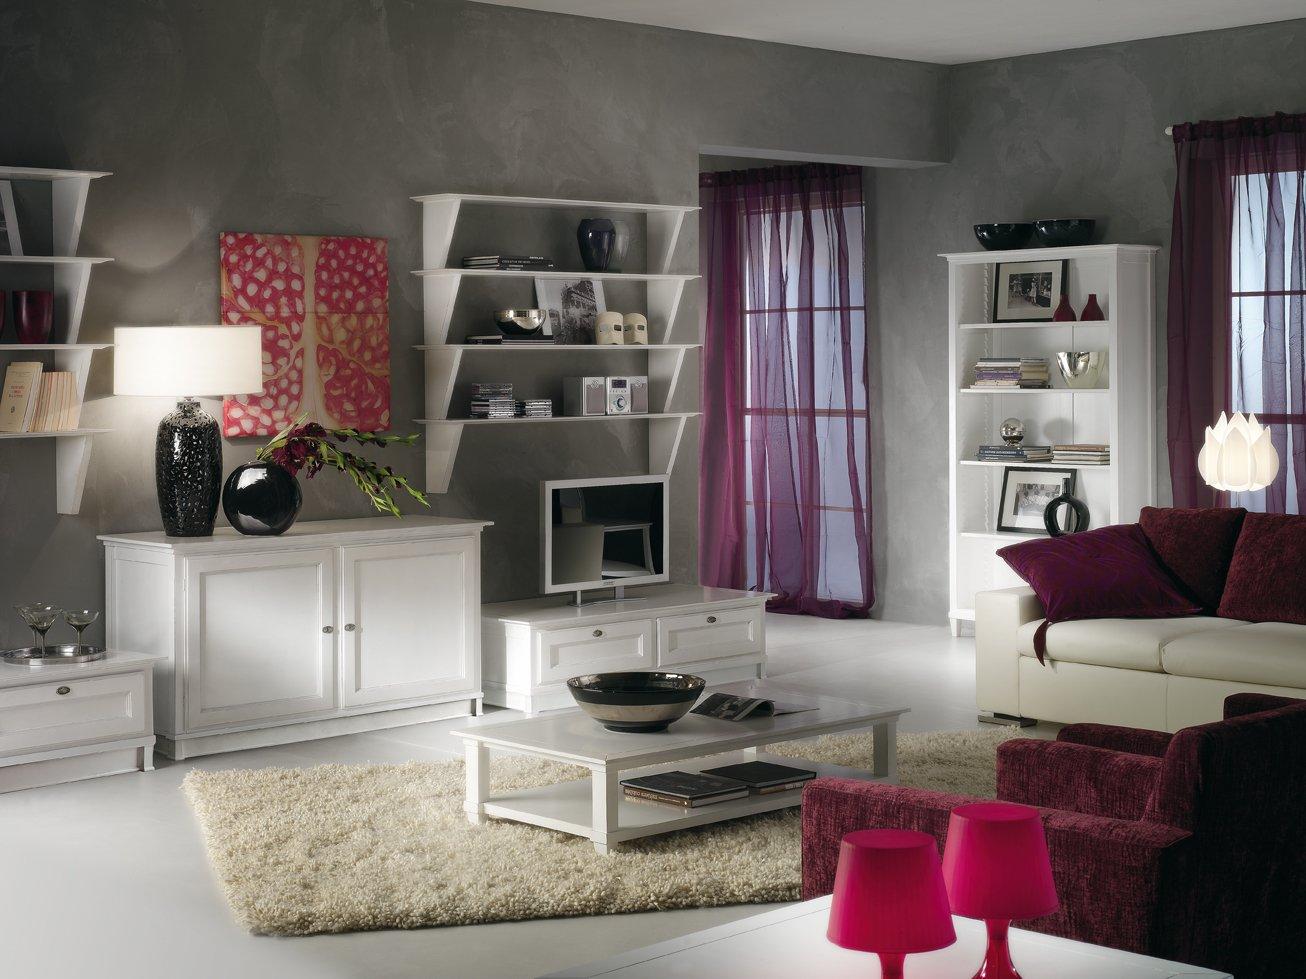 Porta tv a 2 cassetti mobili in stile linea la maison - La maison mobili ...